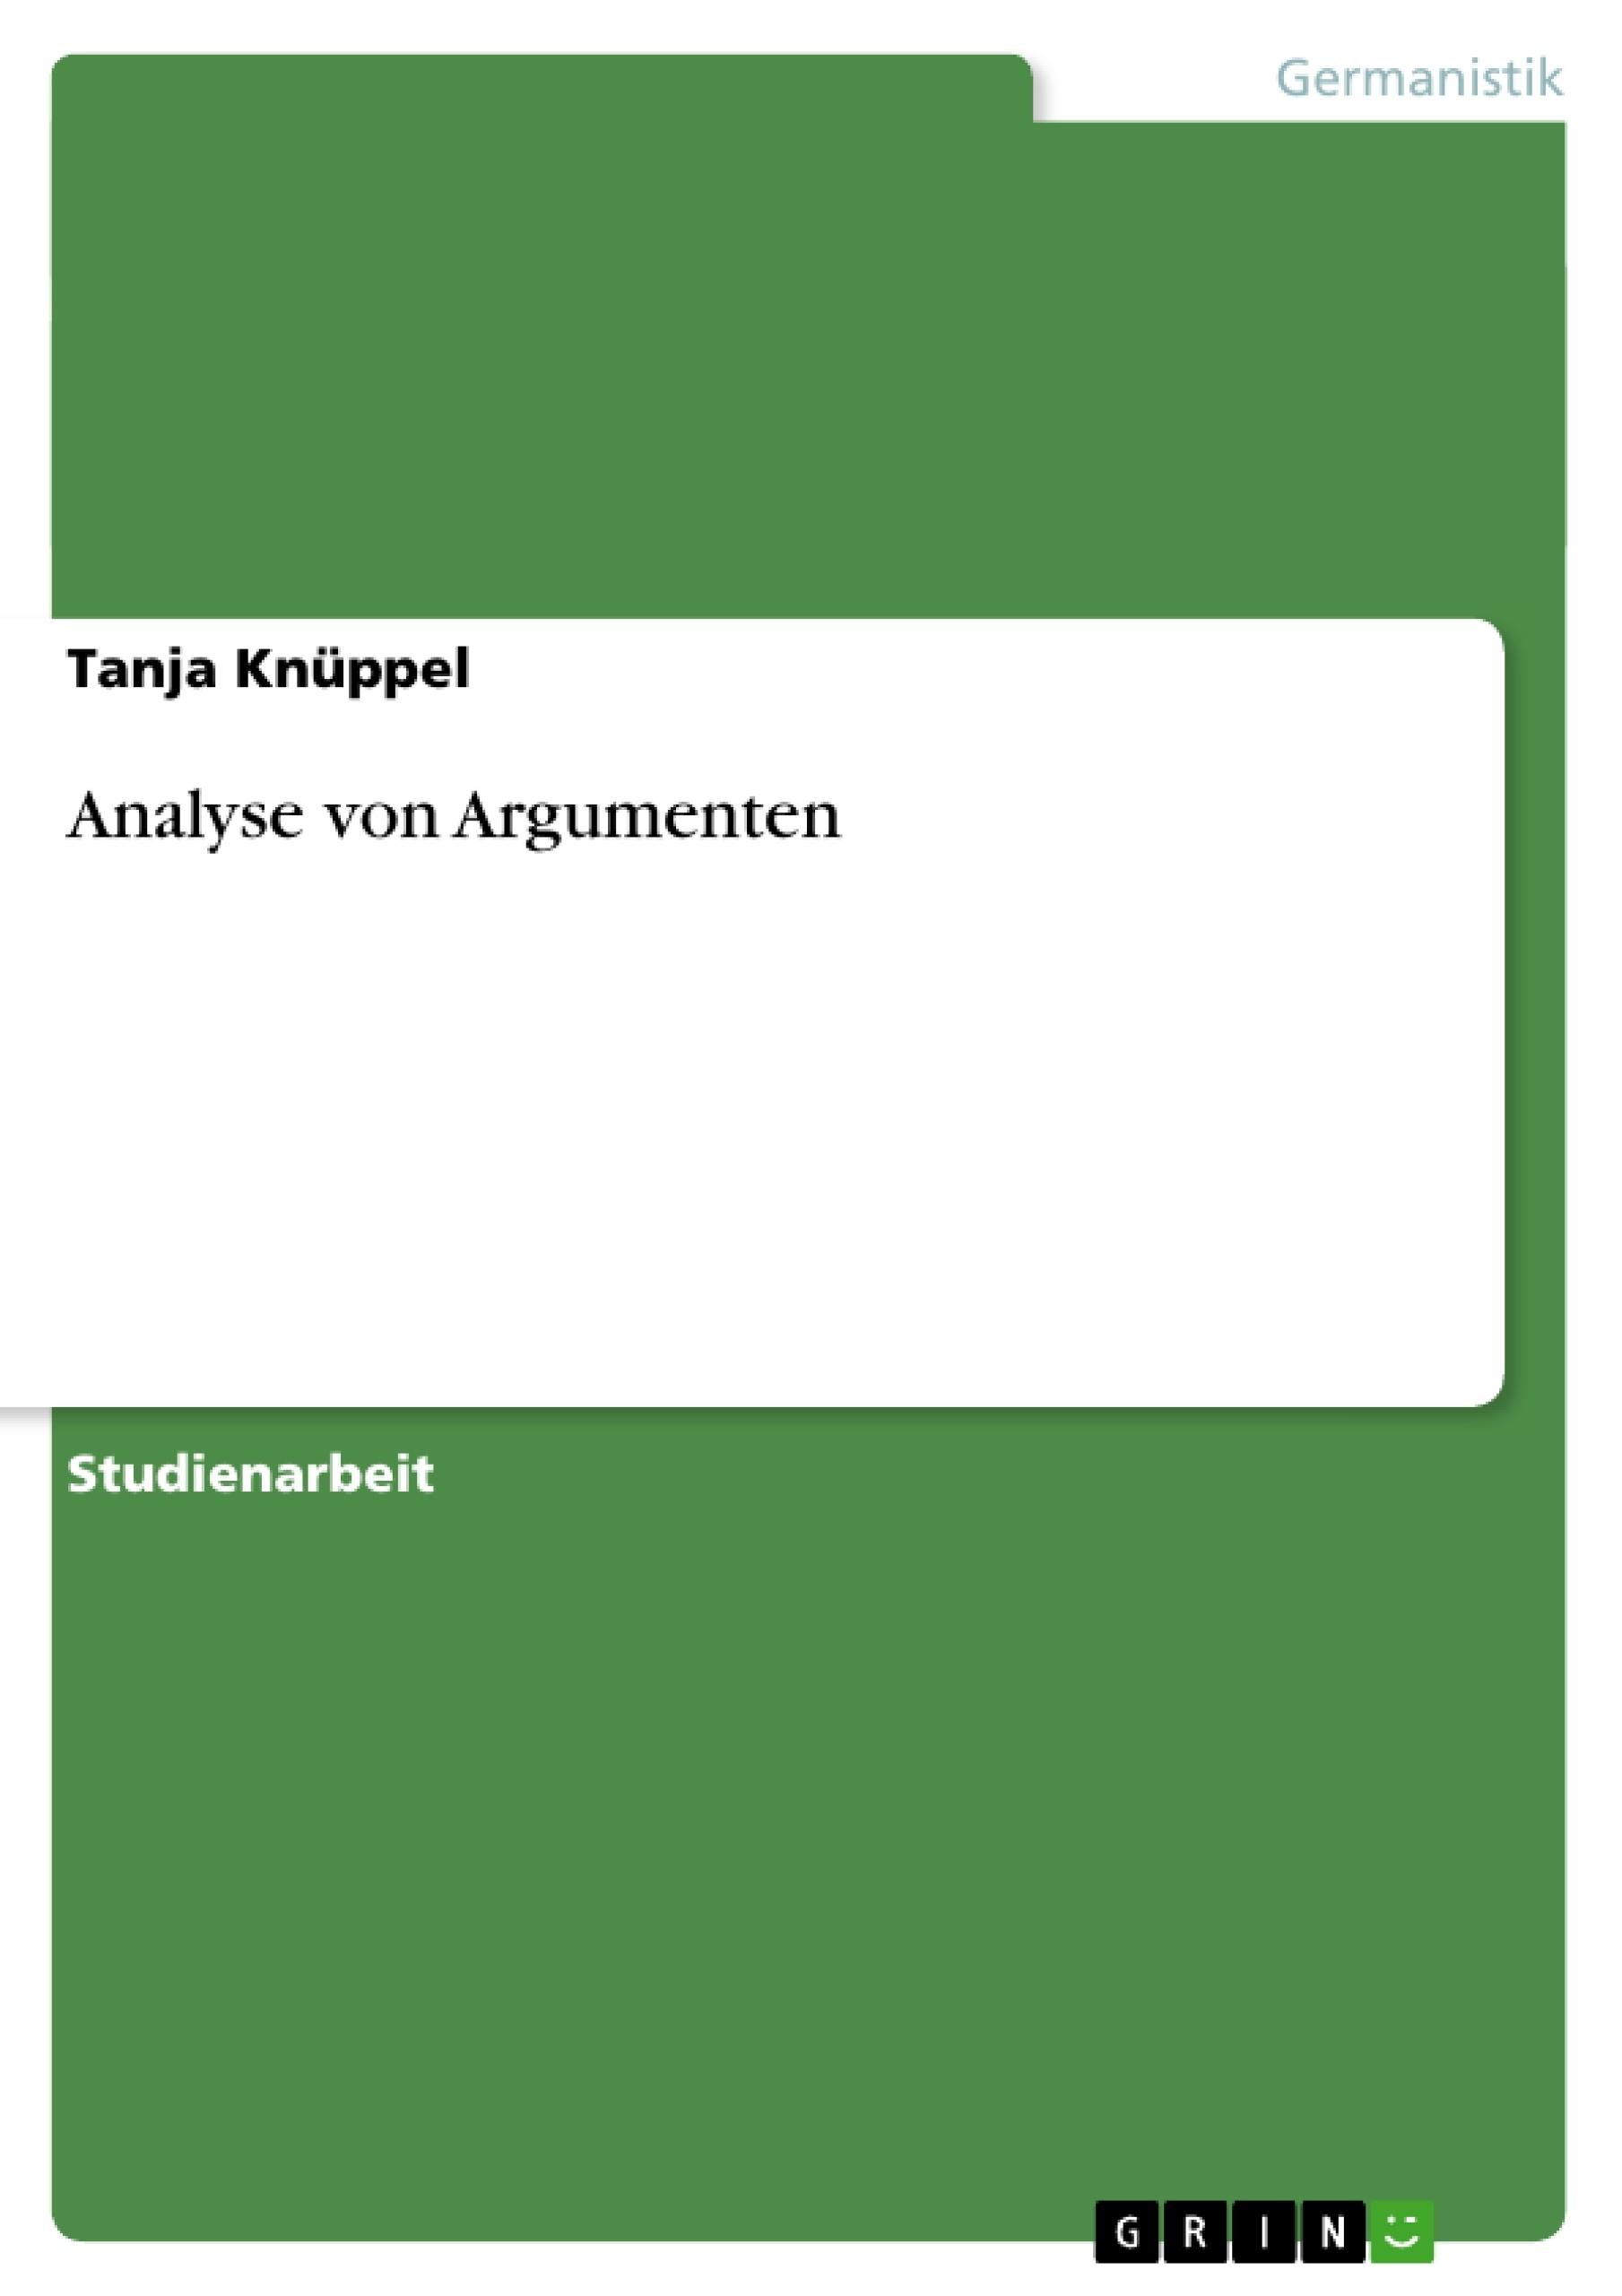 Titel: Analyse von Argumenten